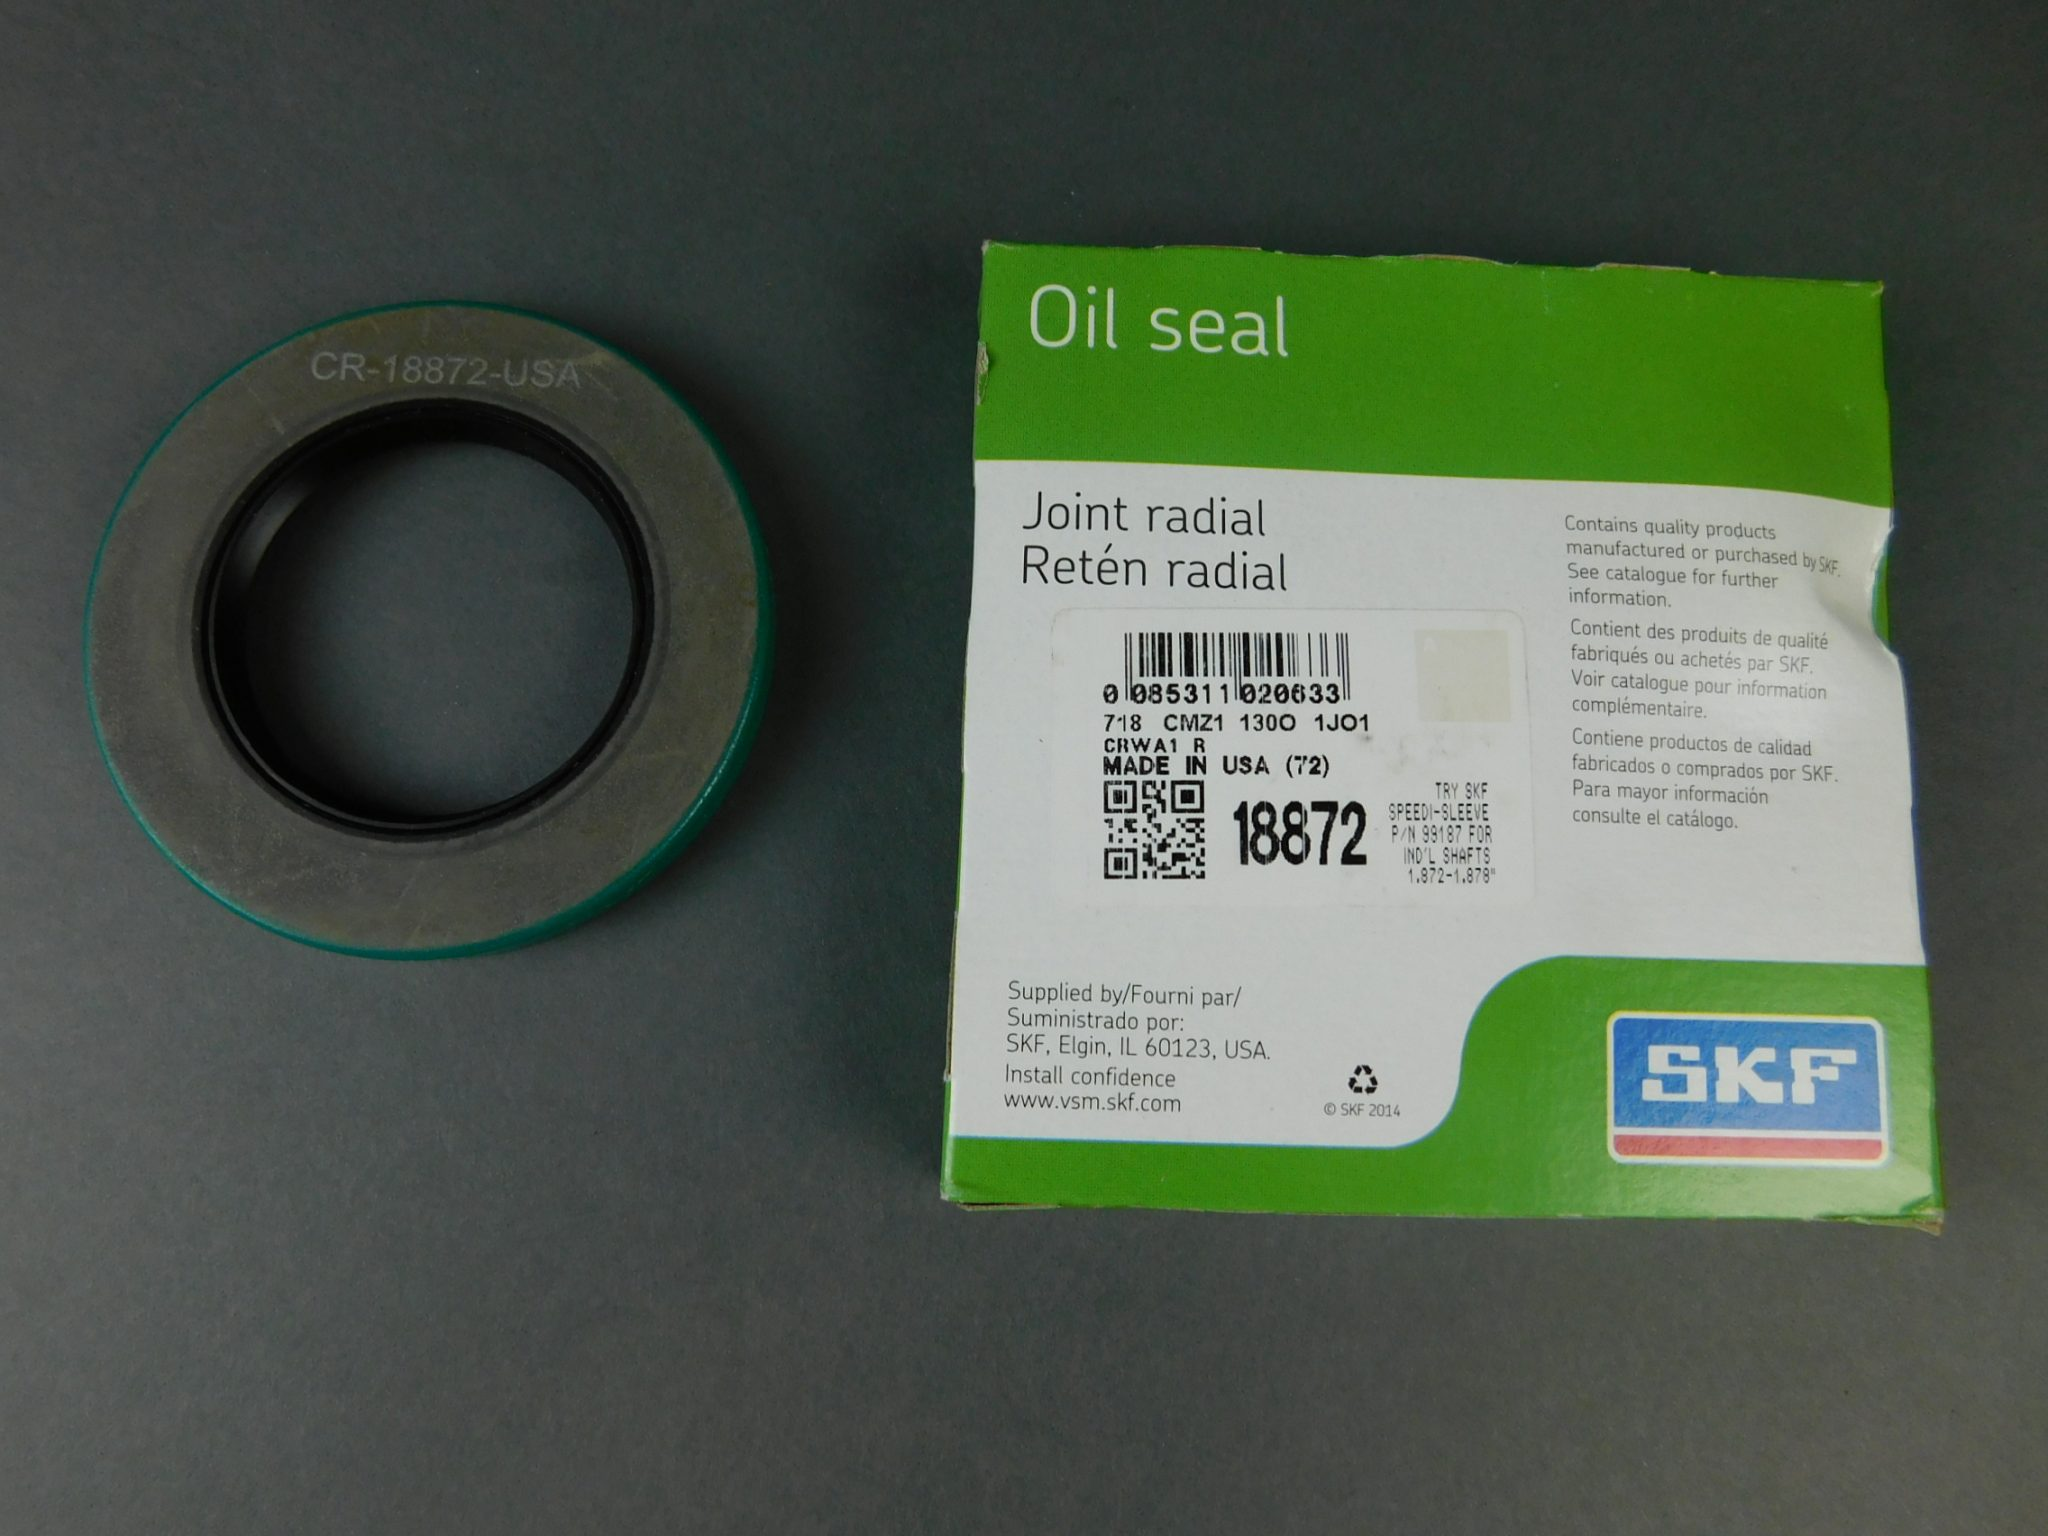 SKF 18872 Grease Seals